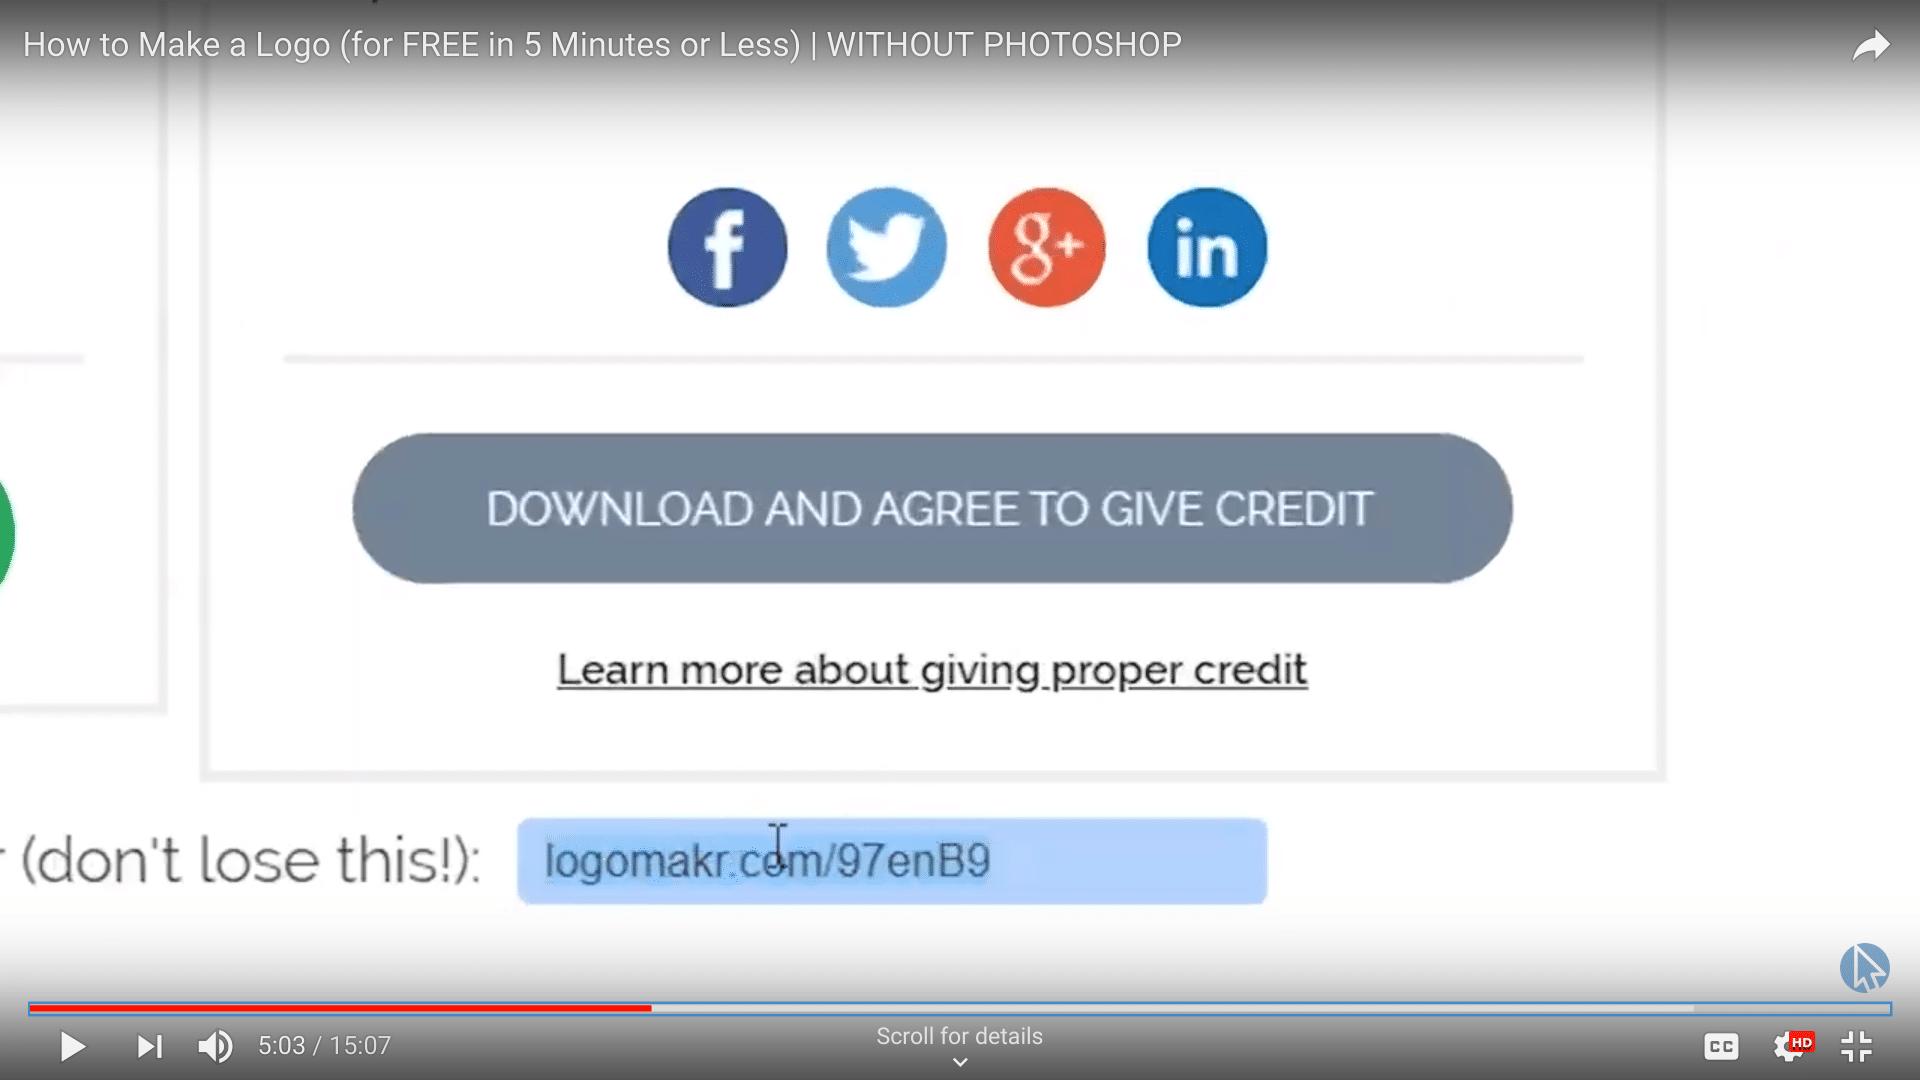 logomakr re-edit link